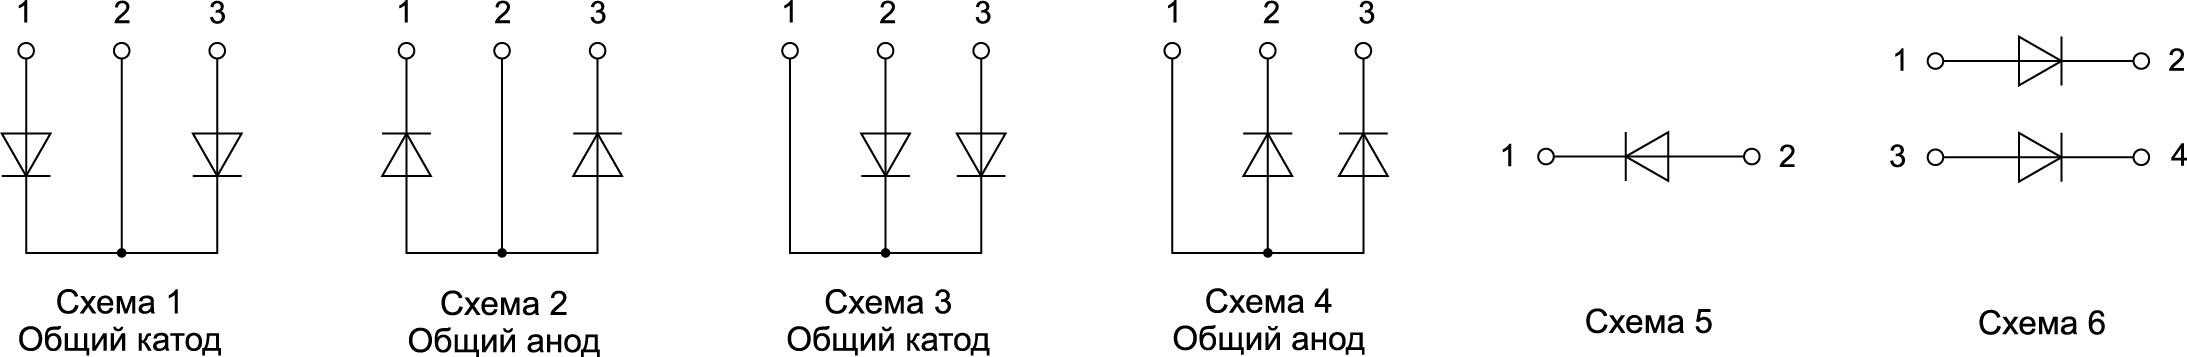 Конфигурация силовых диодных модулей от SemiPowerex